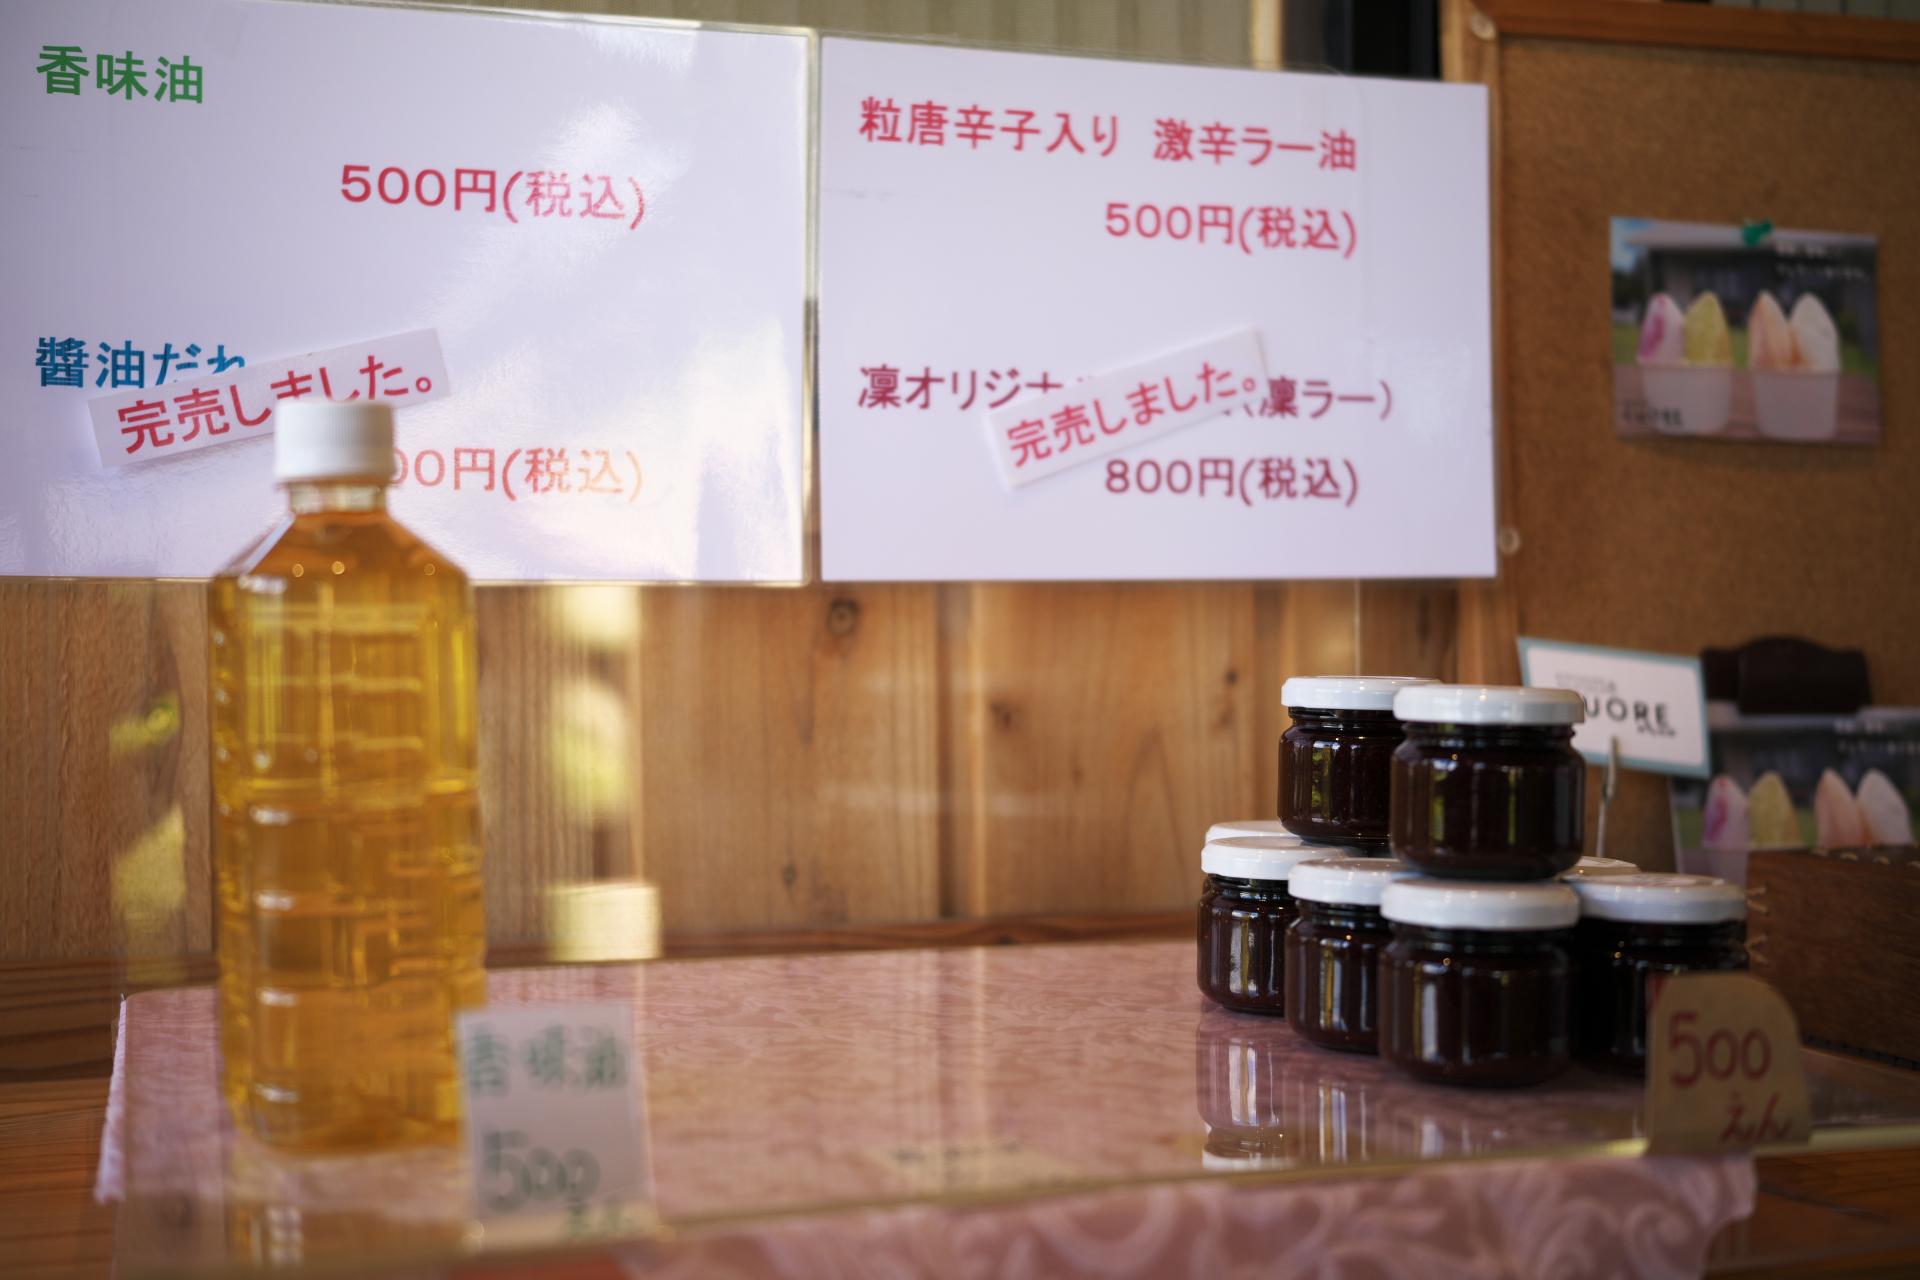 香味油、醤油だれ、ラー油販売「ラーメン専門店 凛」霧島市国分新町